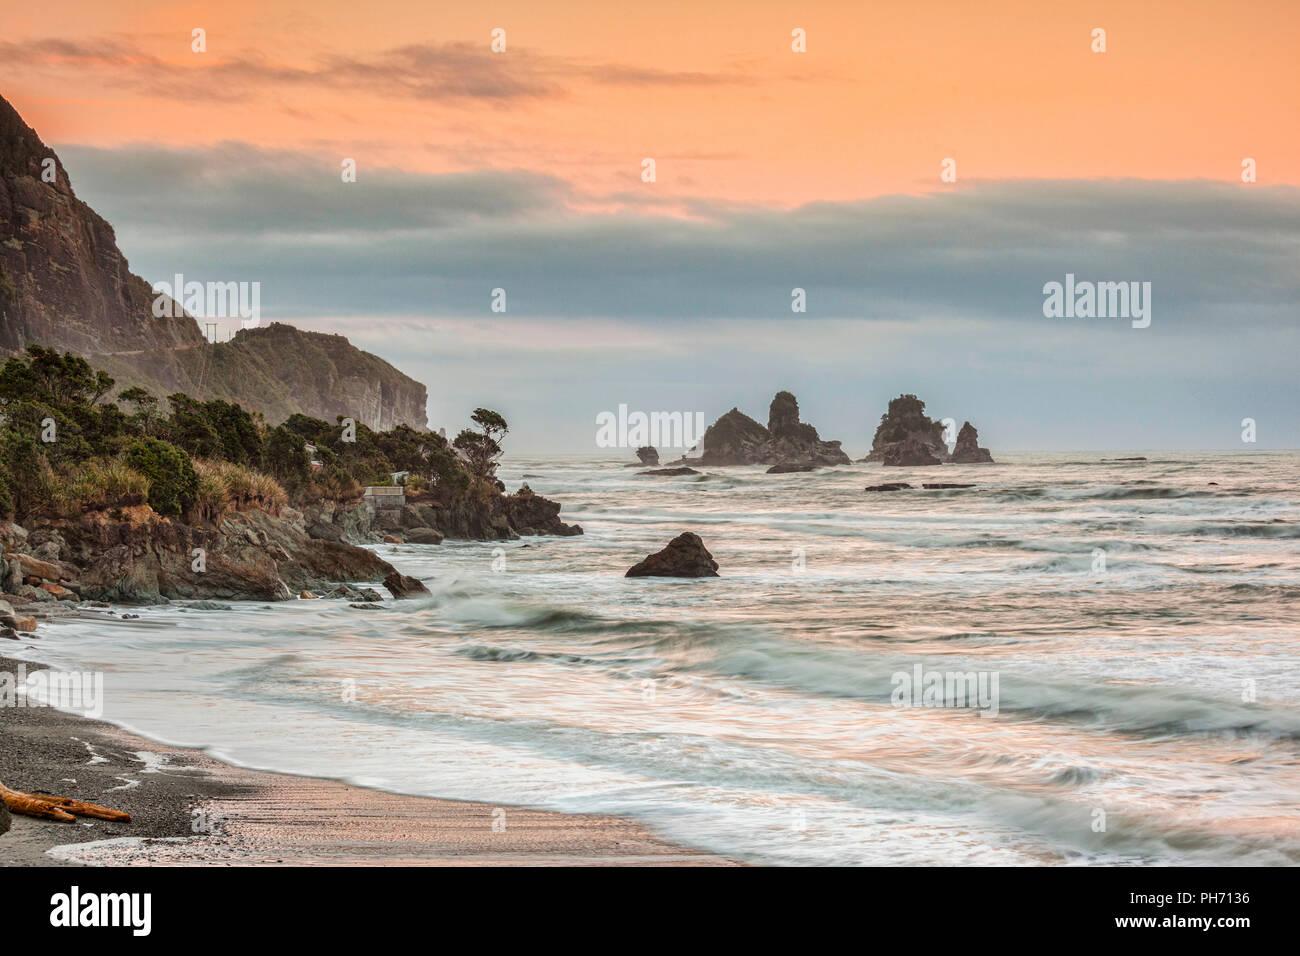 Motukiekie, sur la côte ouest de l'île du Sud, Nouvelle-Zélande Photo Stock